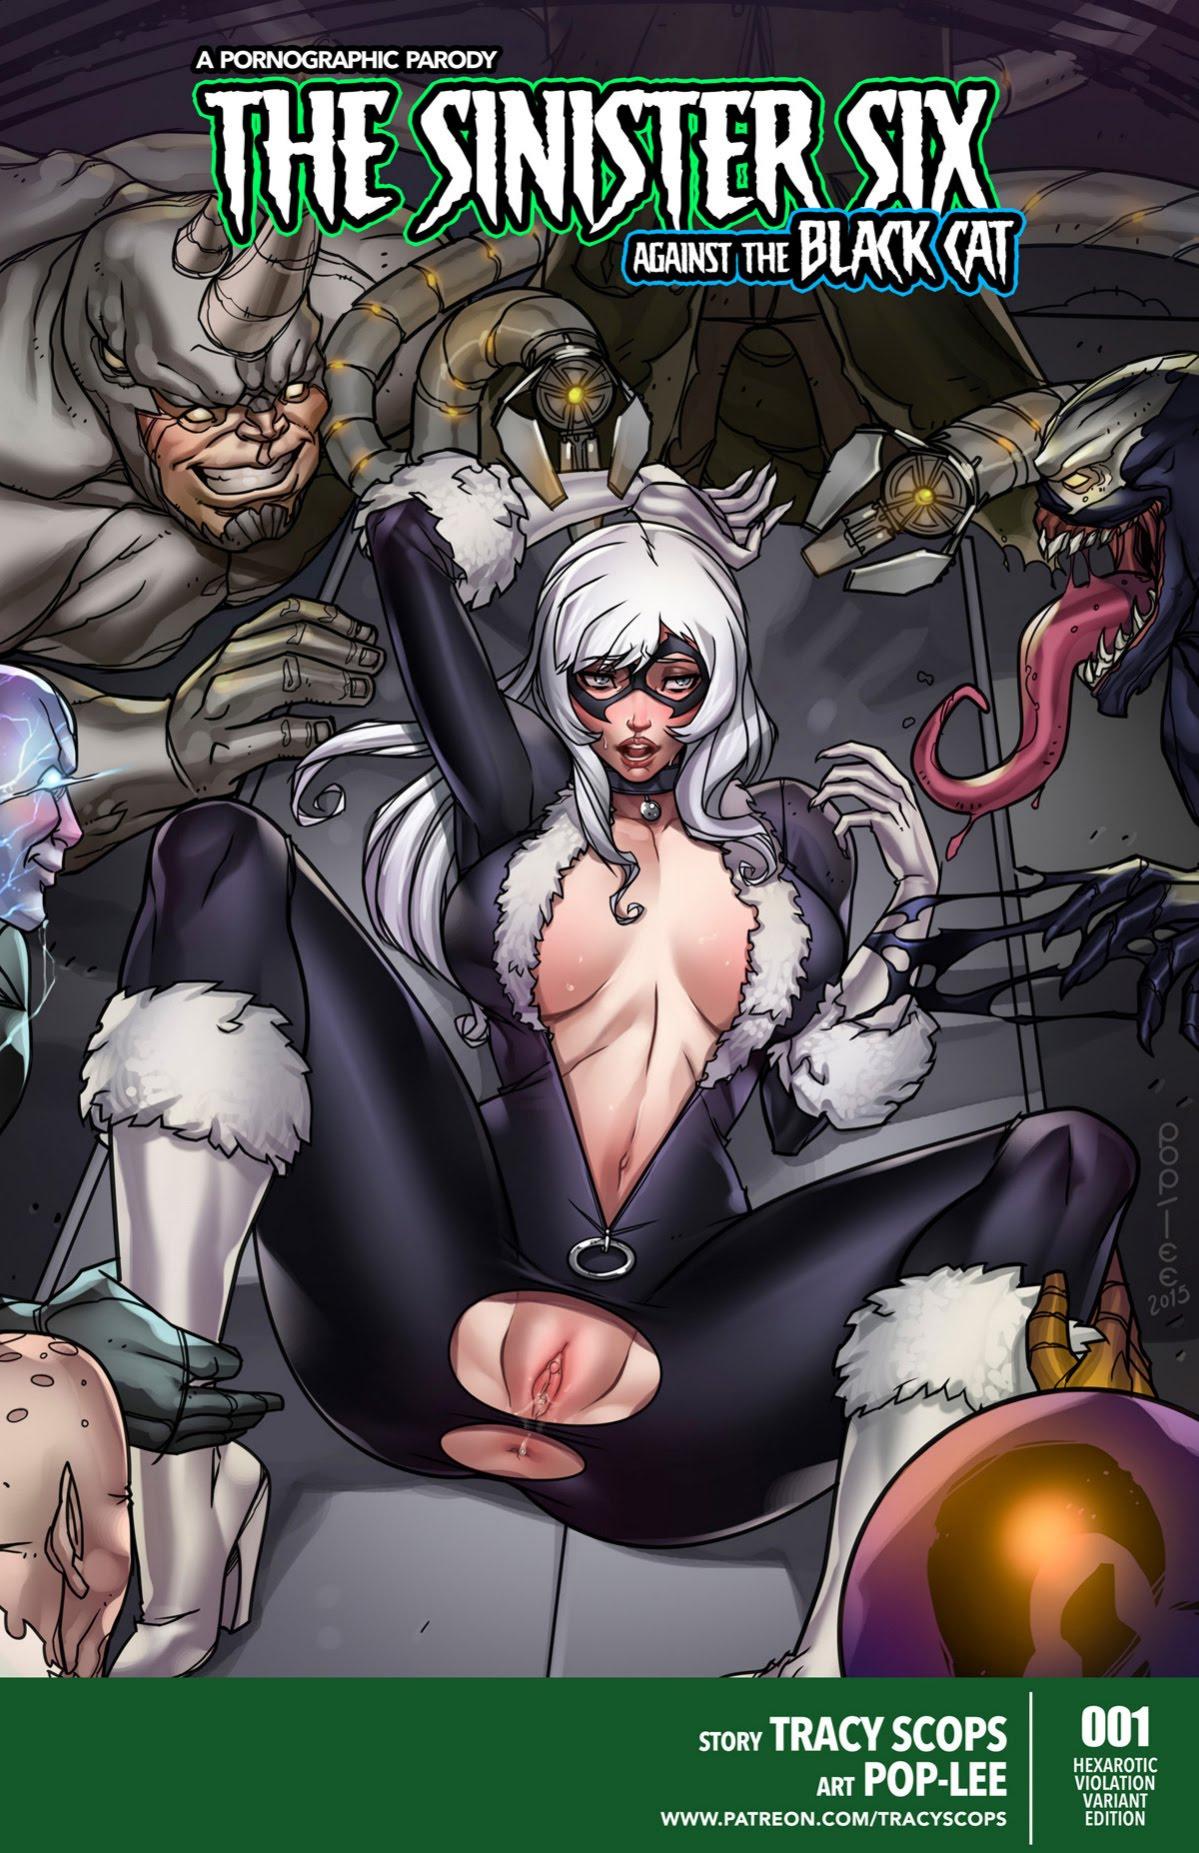 THE SINSTER SIX porn comics Anal Sex, Big Tits, Latex